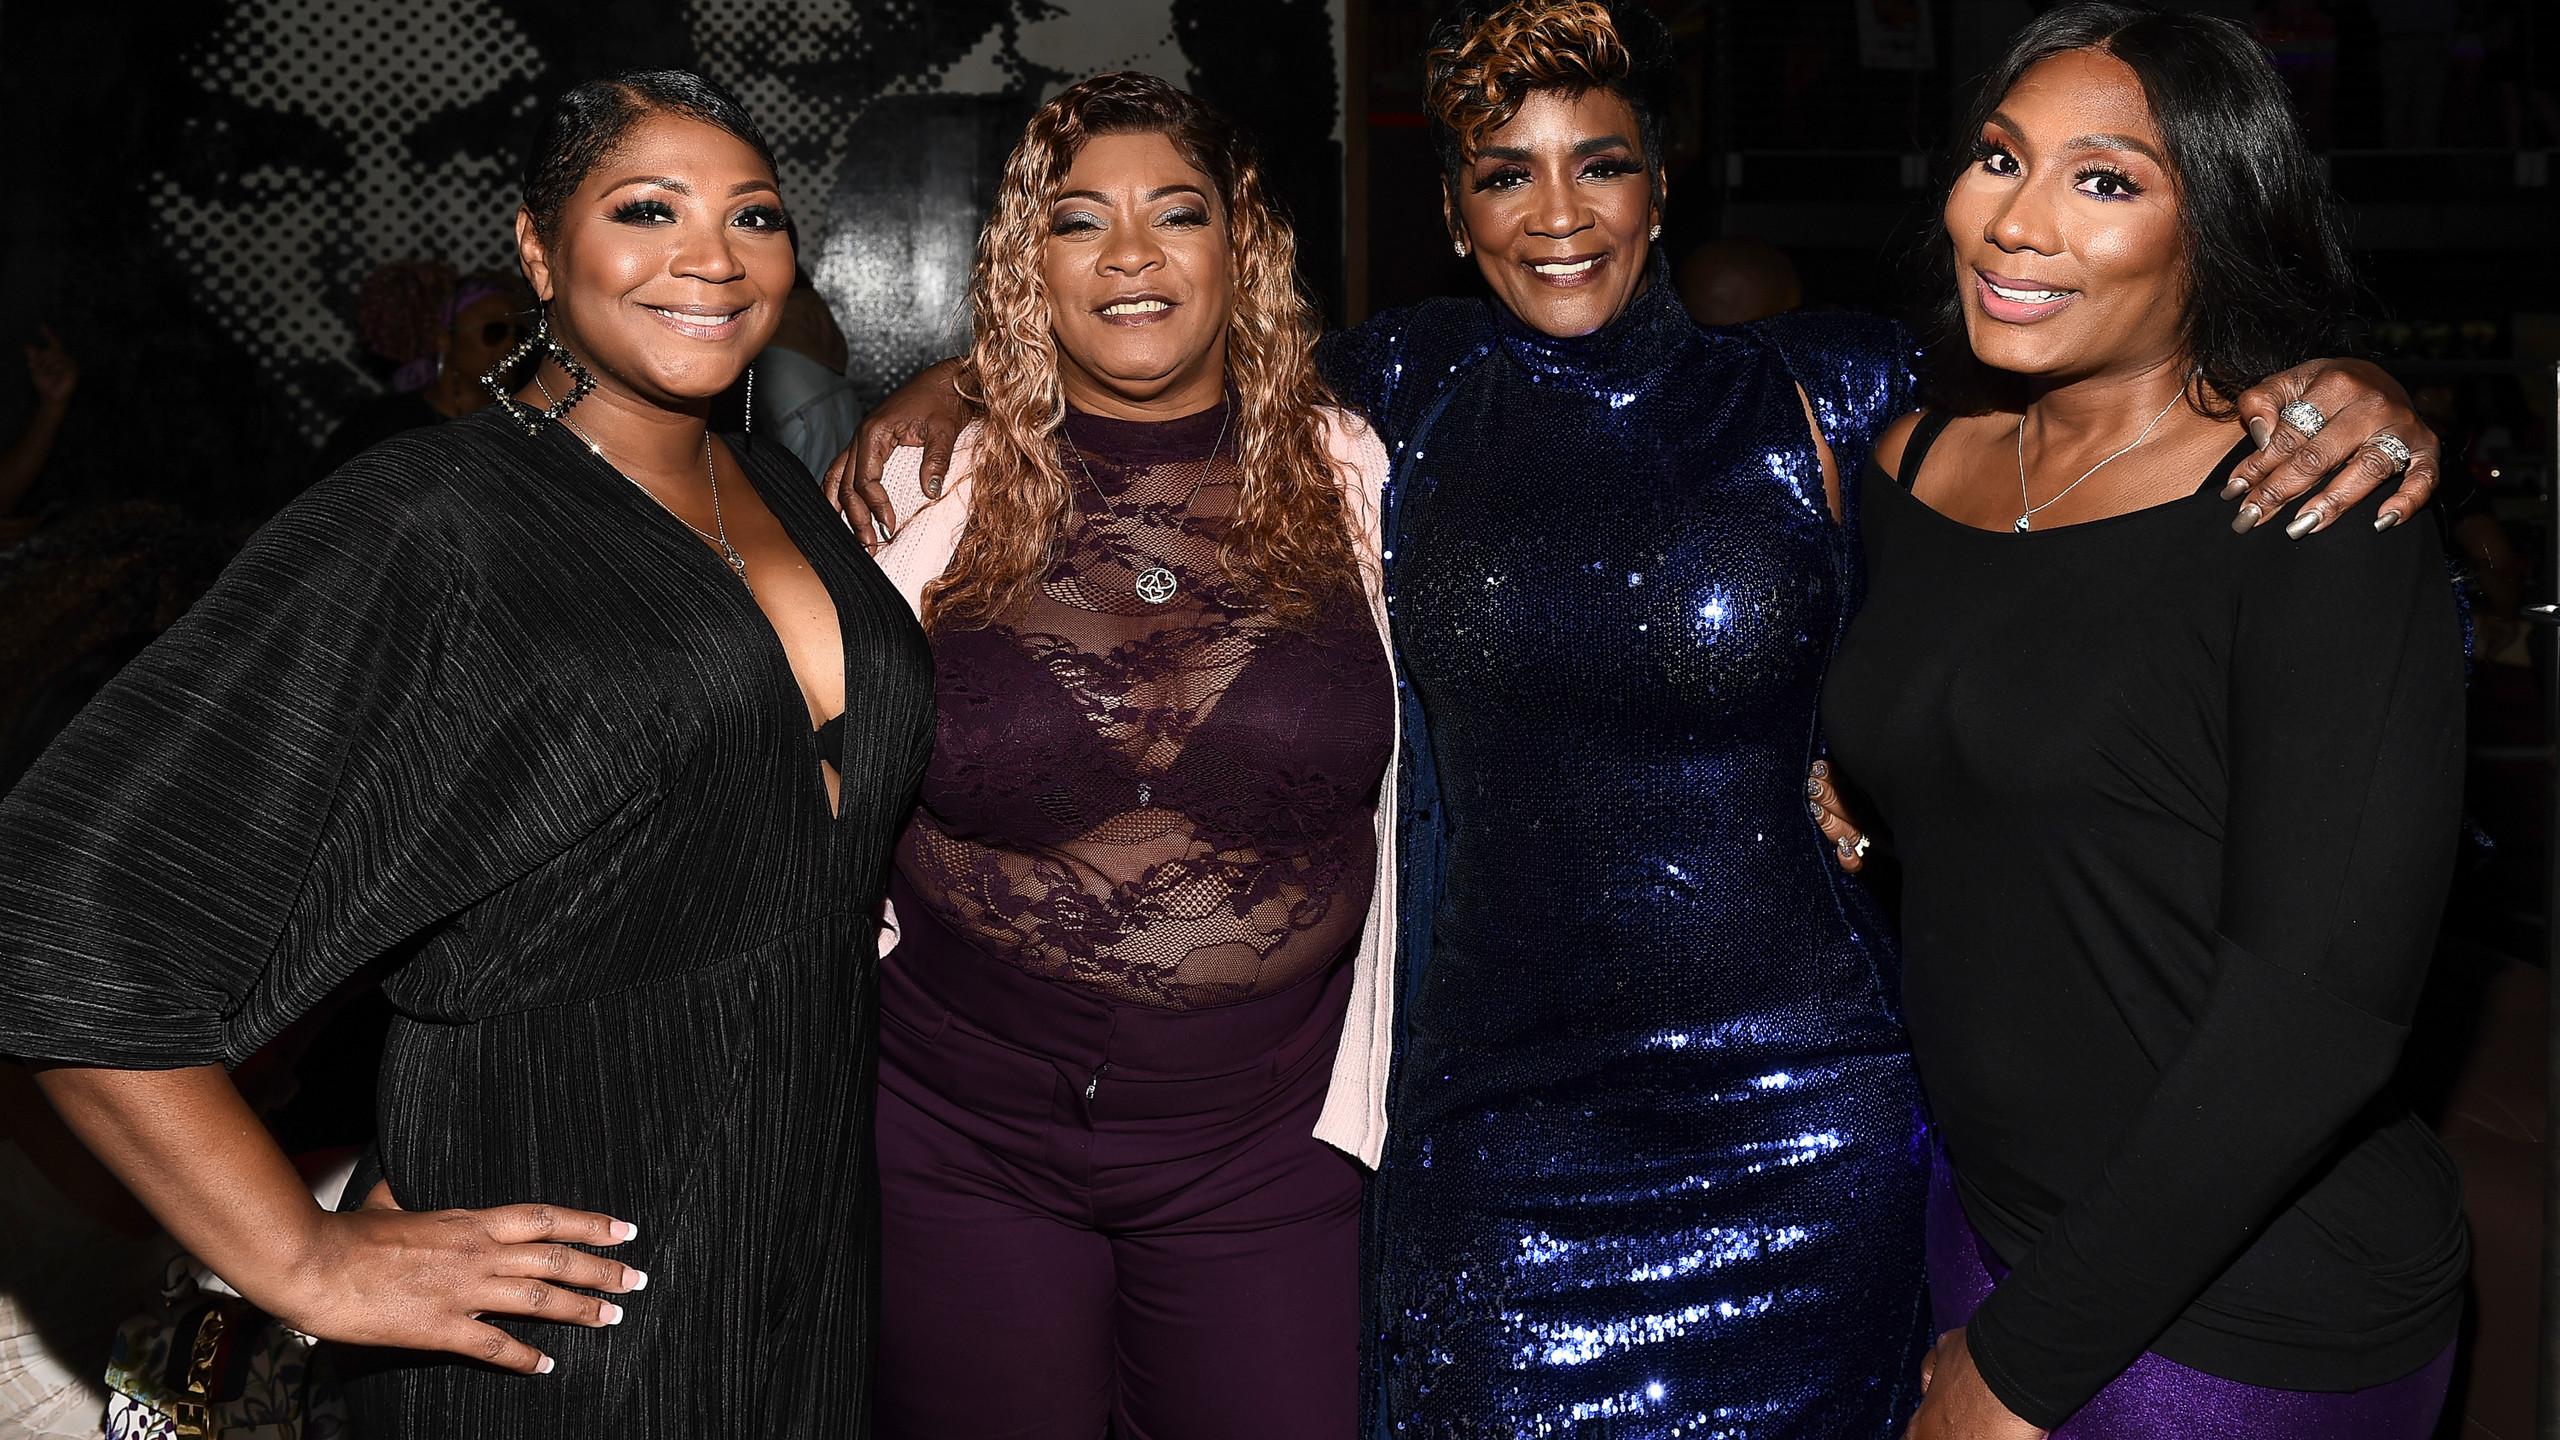 Trina, Deb, Momma Dee and Towanda